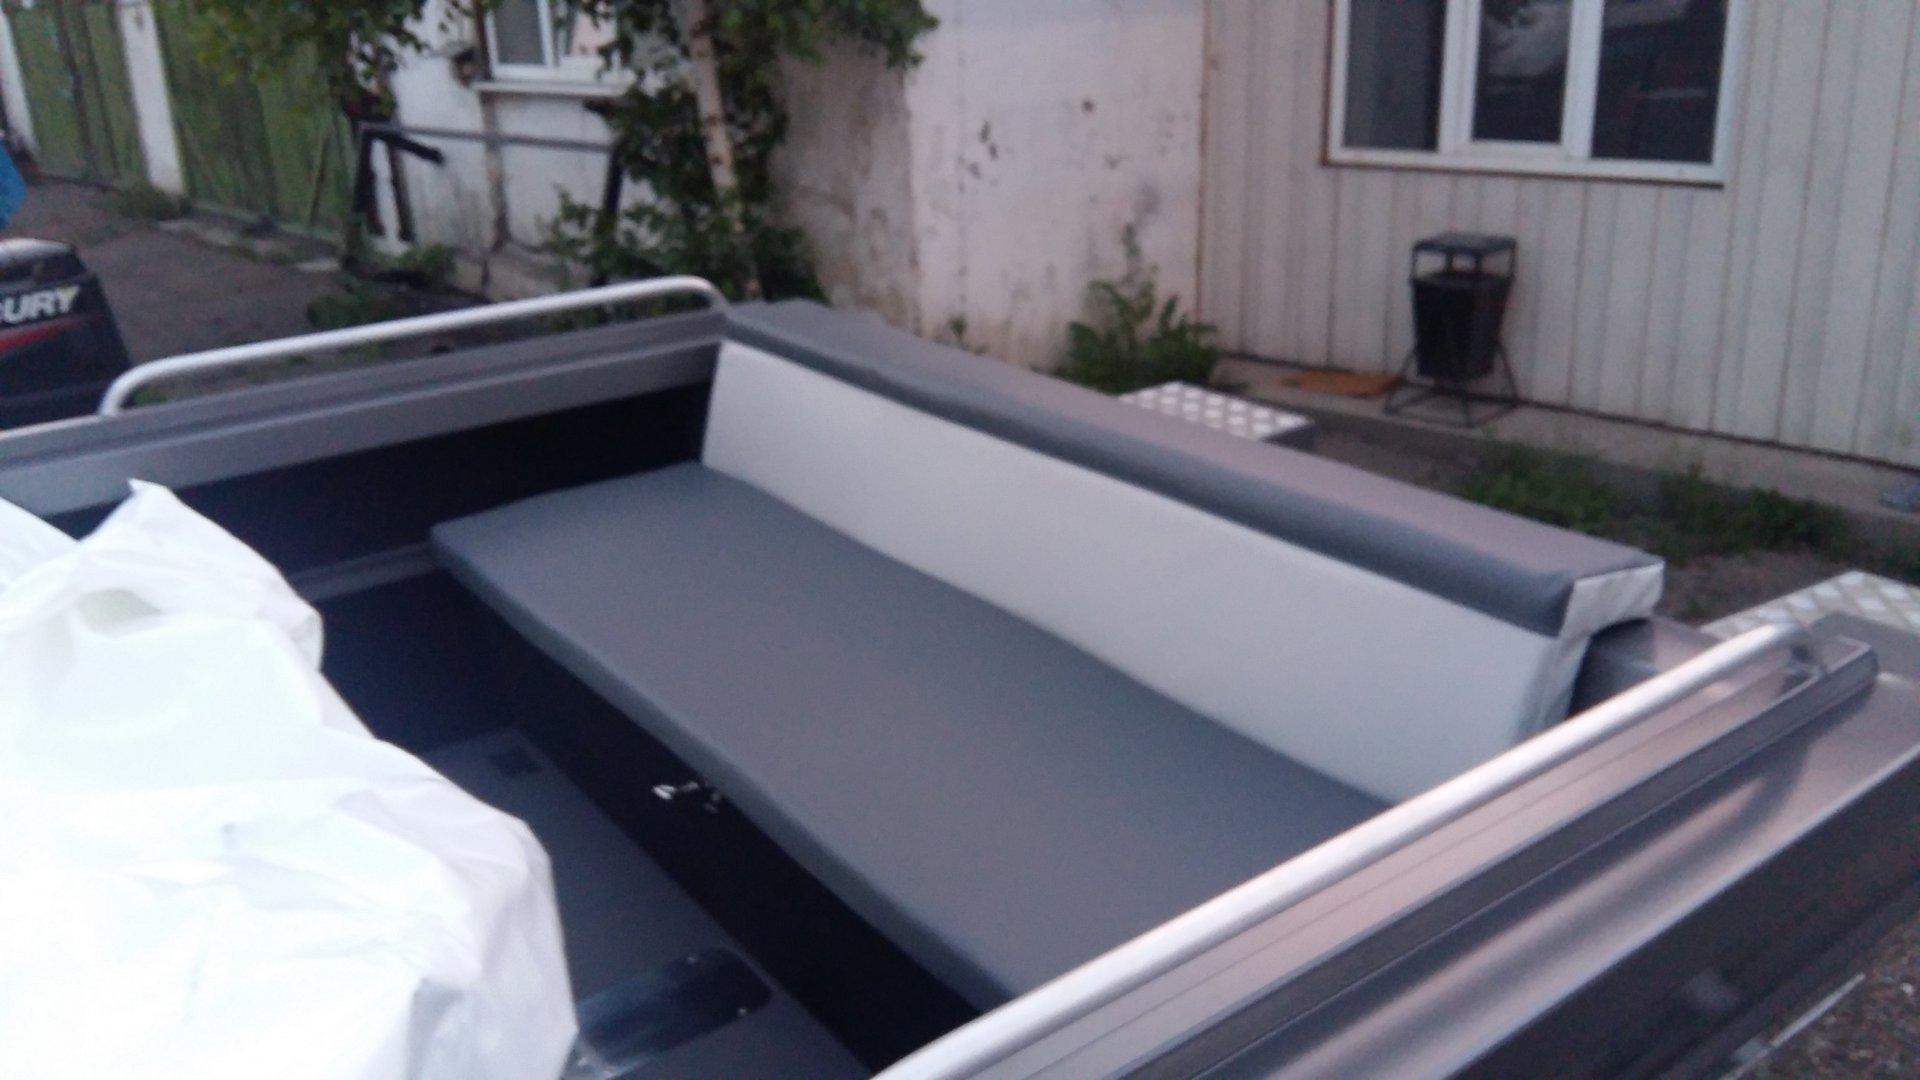 Алюминиевая лодка ТУМАН 510 диван.jpg